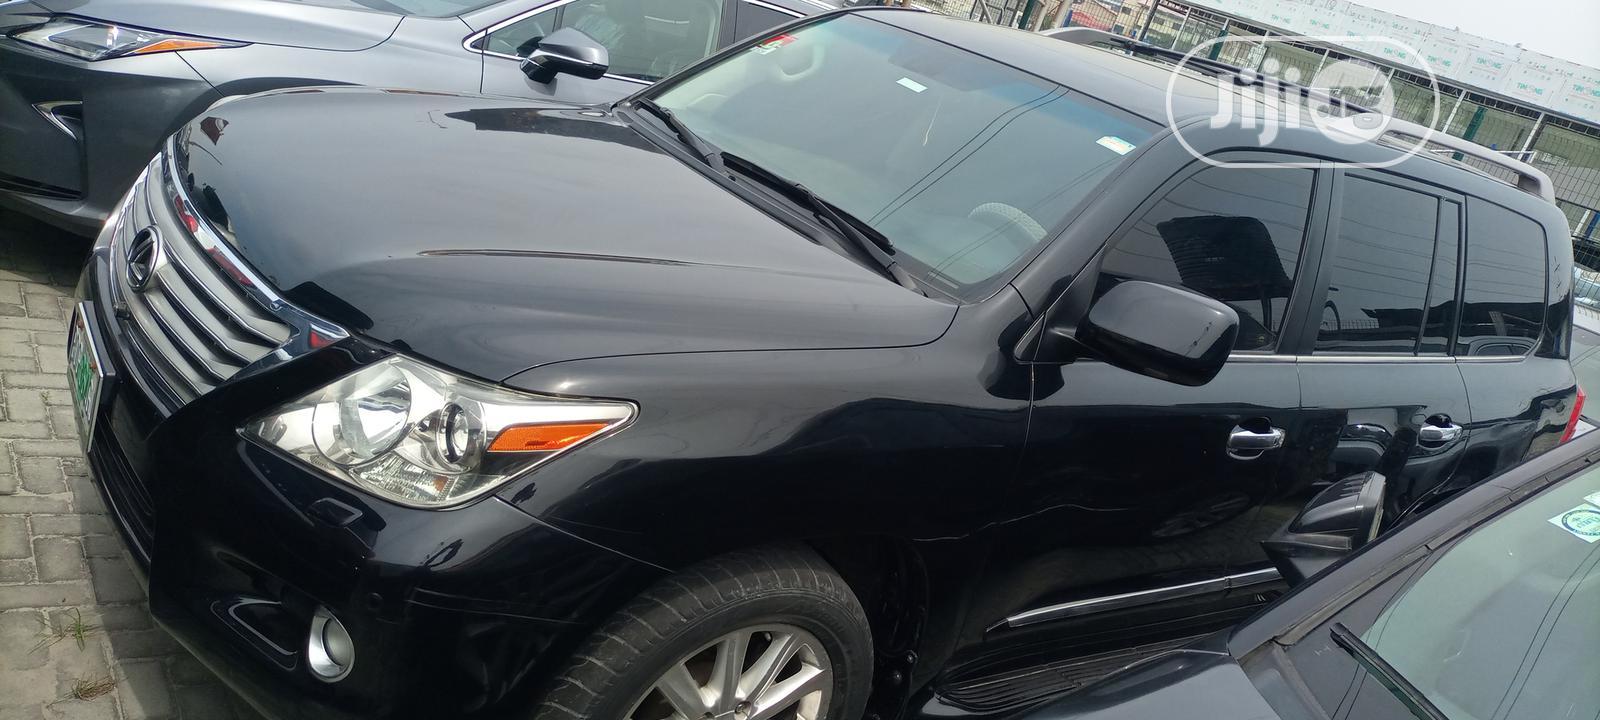 Archive: Lexus LX 2008 570 Black